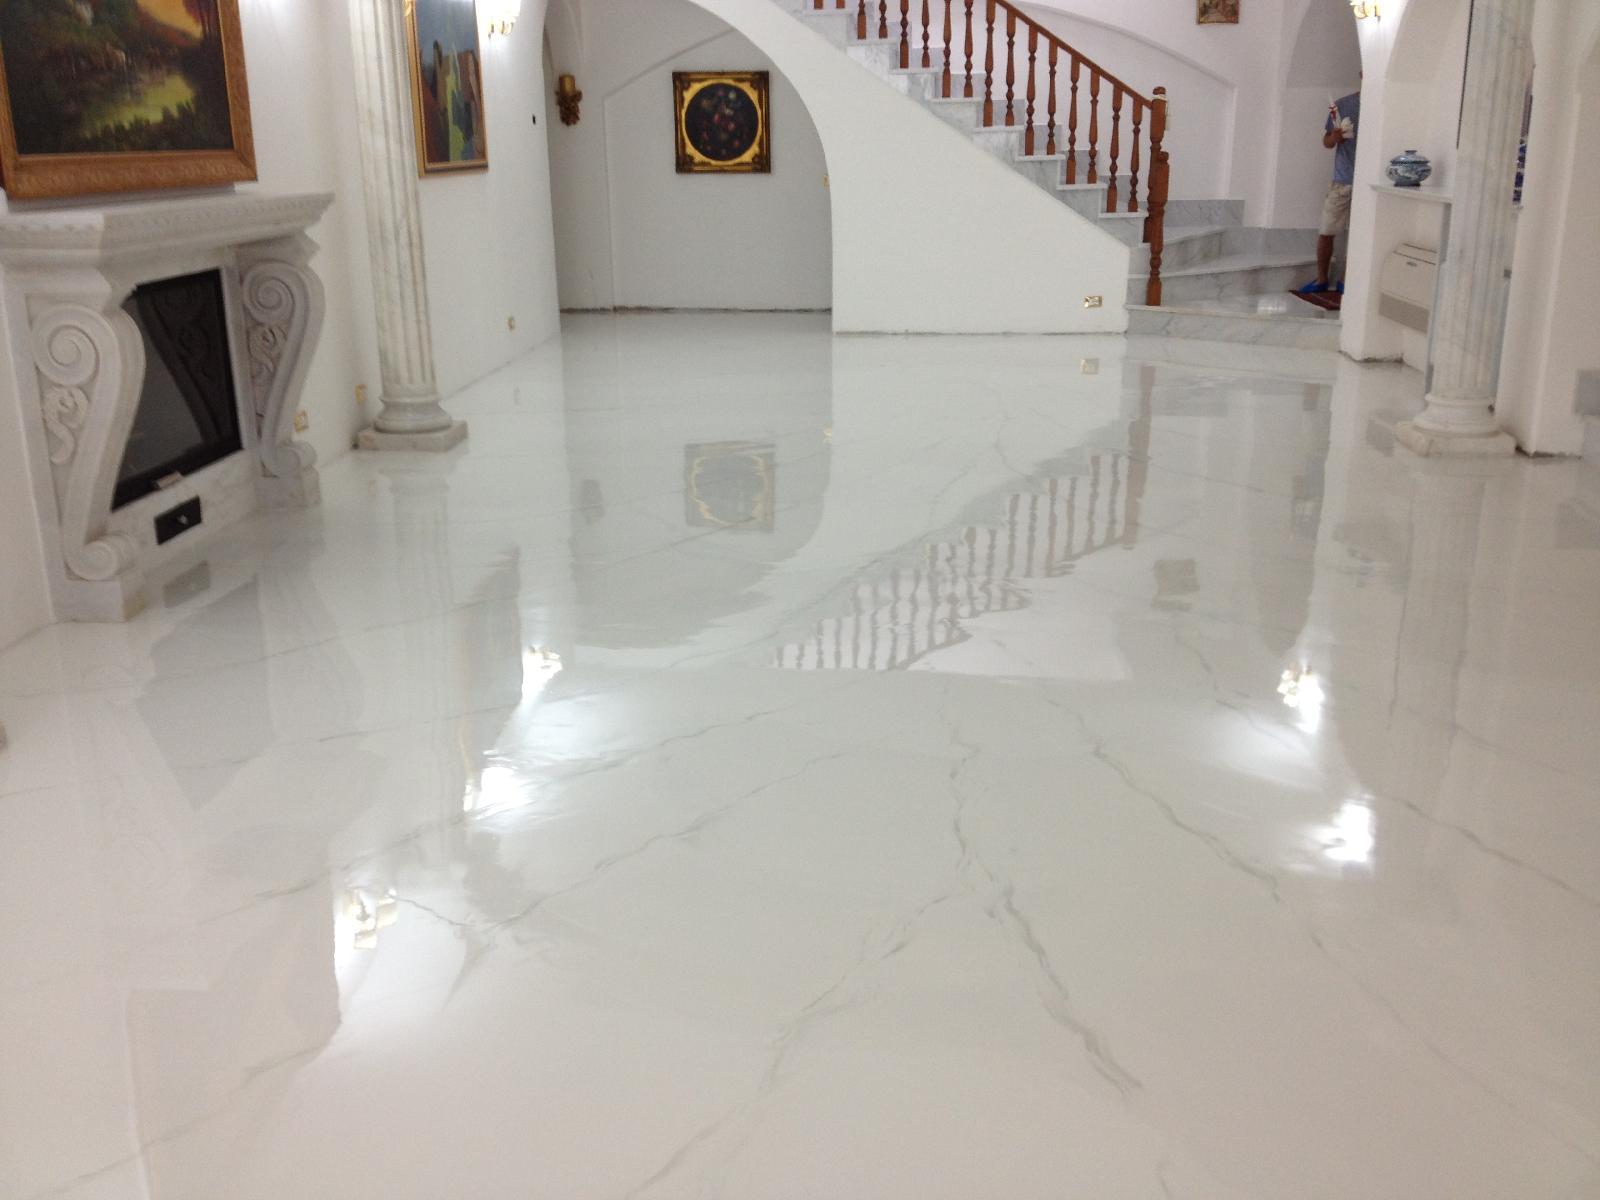 Pavimento esterno resina. pavimento in resina per un ambiente di